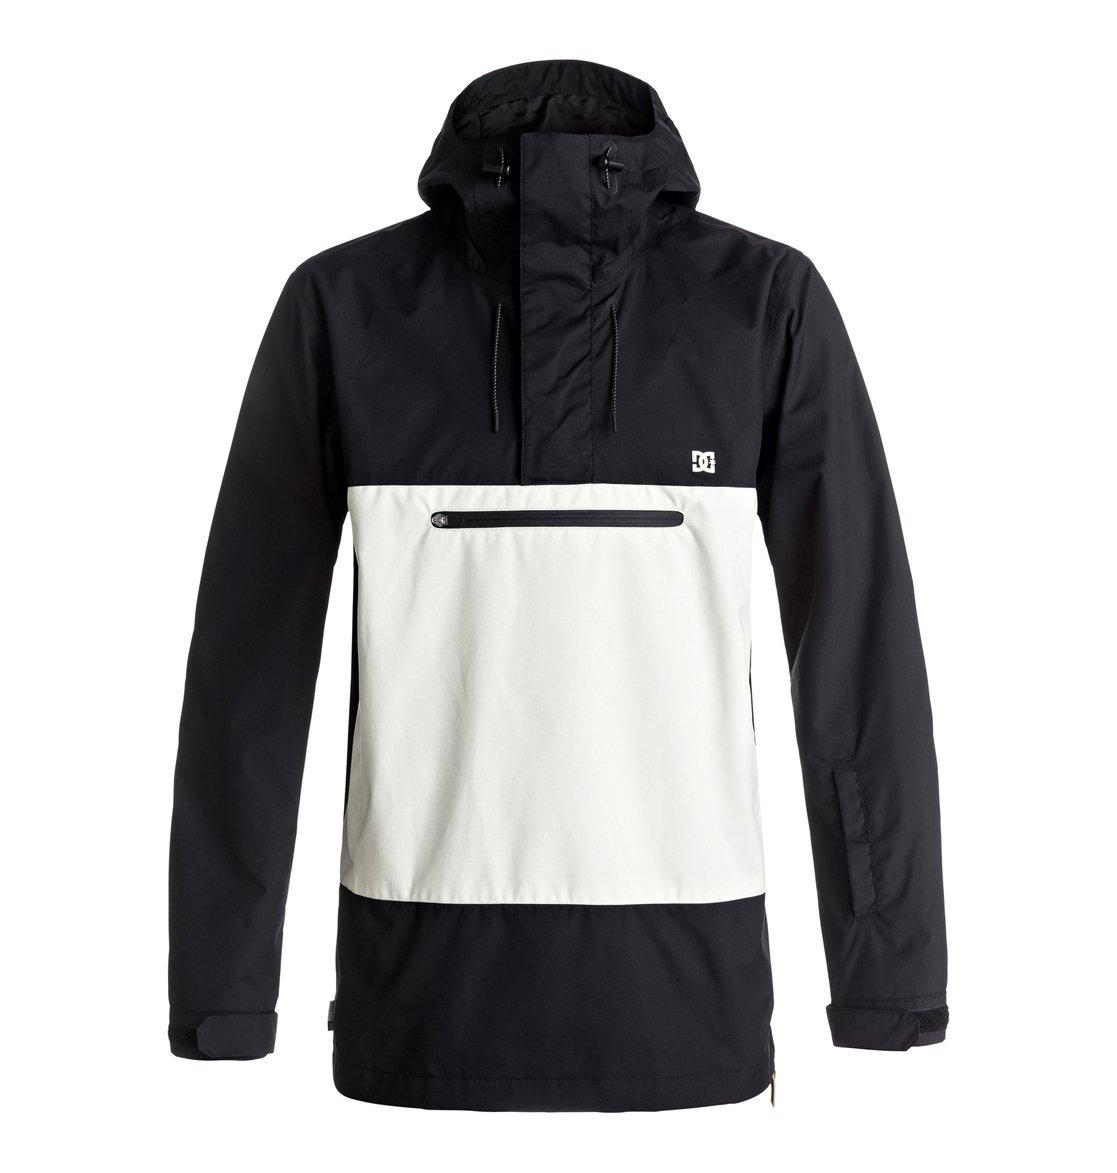 Сноубордическая куртка Rampart